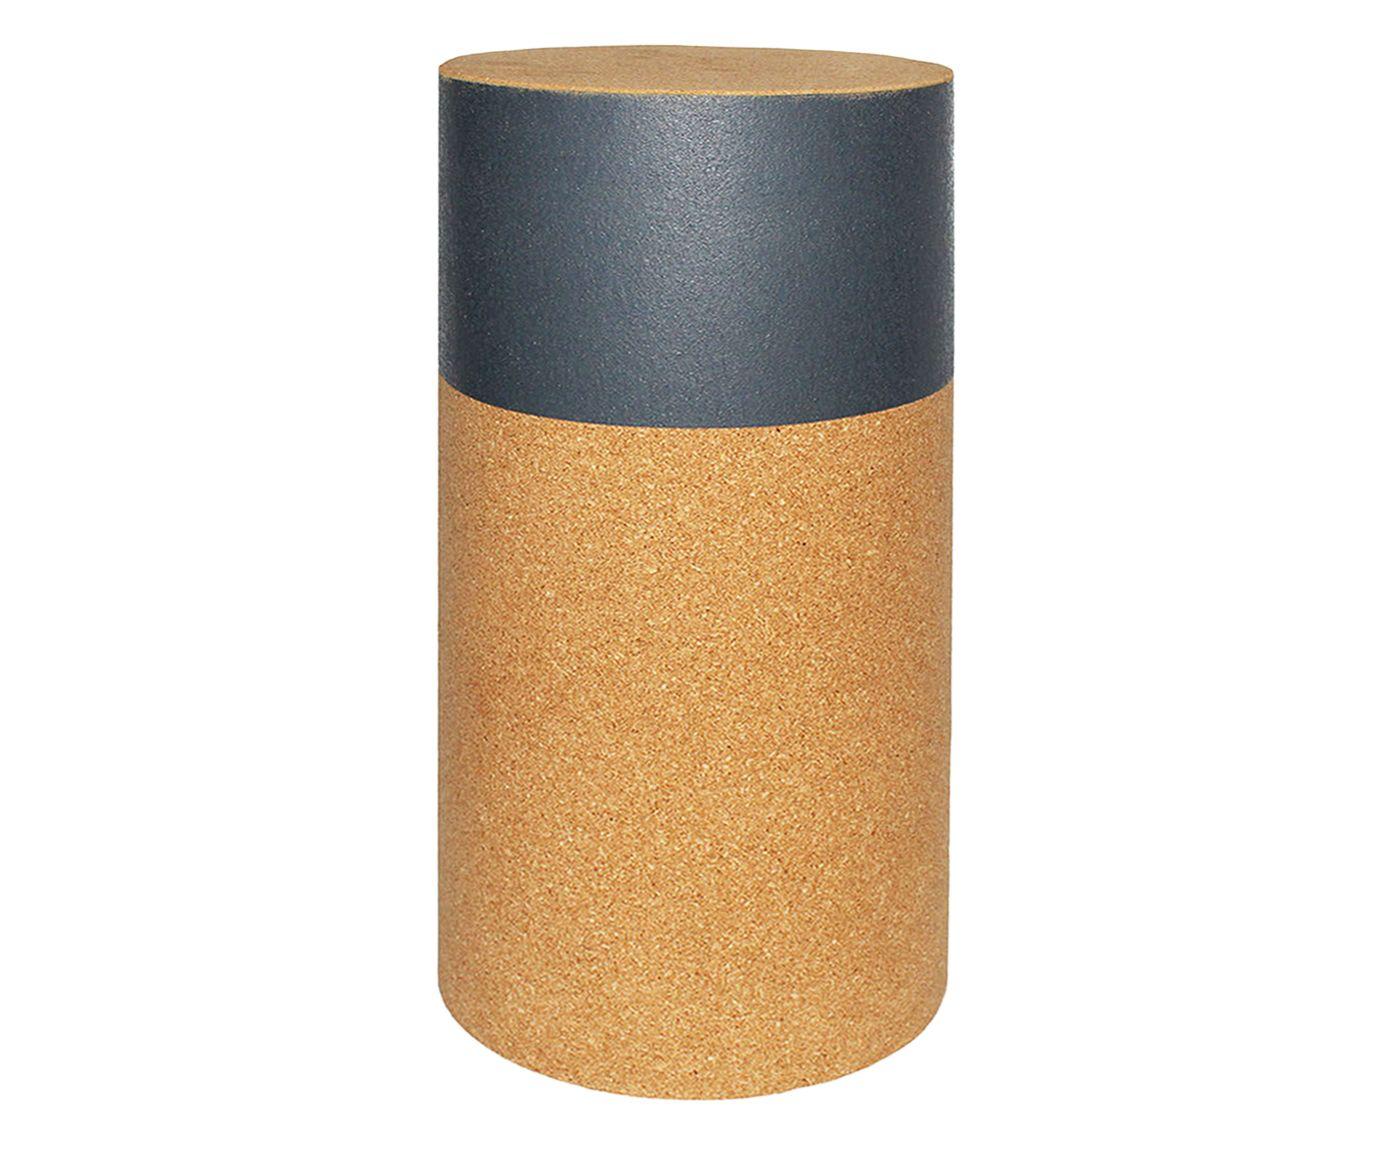 Banqueta Rolha Cinza Escuro - 60X29cm   Westwing.com.br